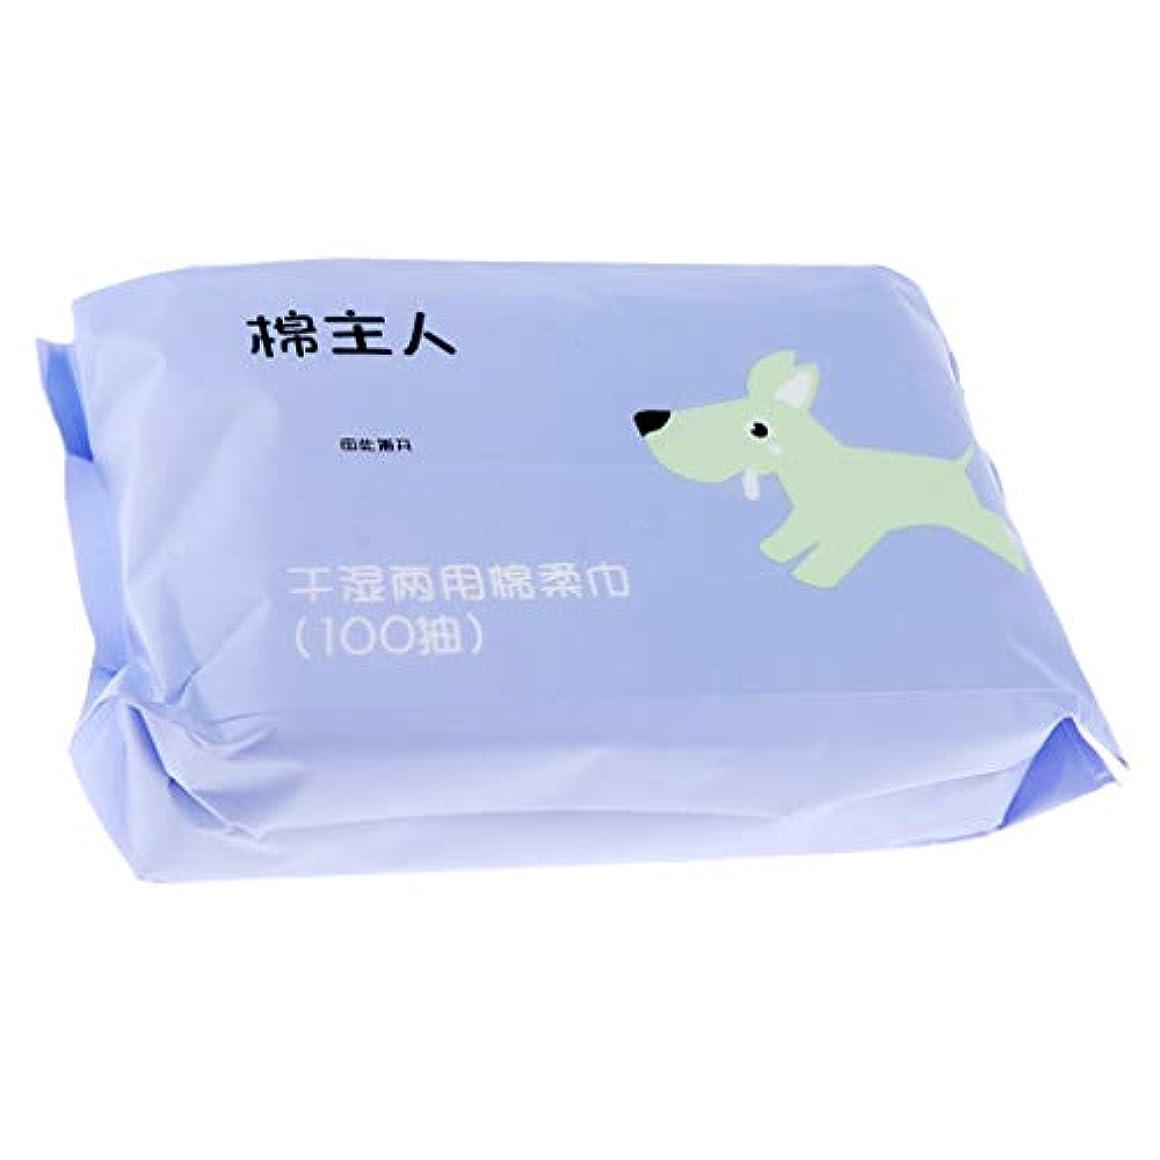 食堂苦しみ葉を拾うIPOTCH 約100枚 使い捨て クリーニング フェイスタオル 化粧品 ソフト フェイシャルワイプ 2色選べ - 青紫